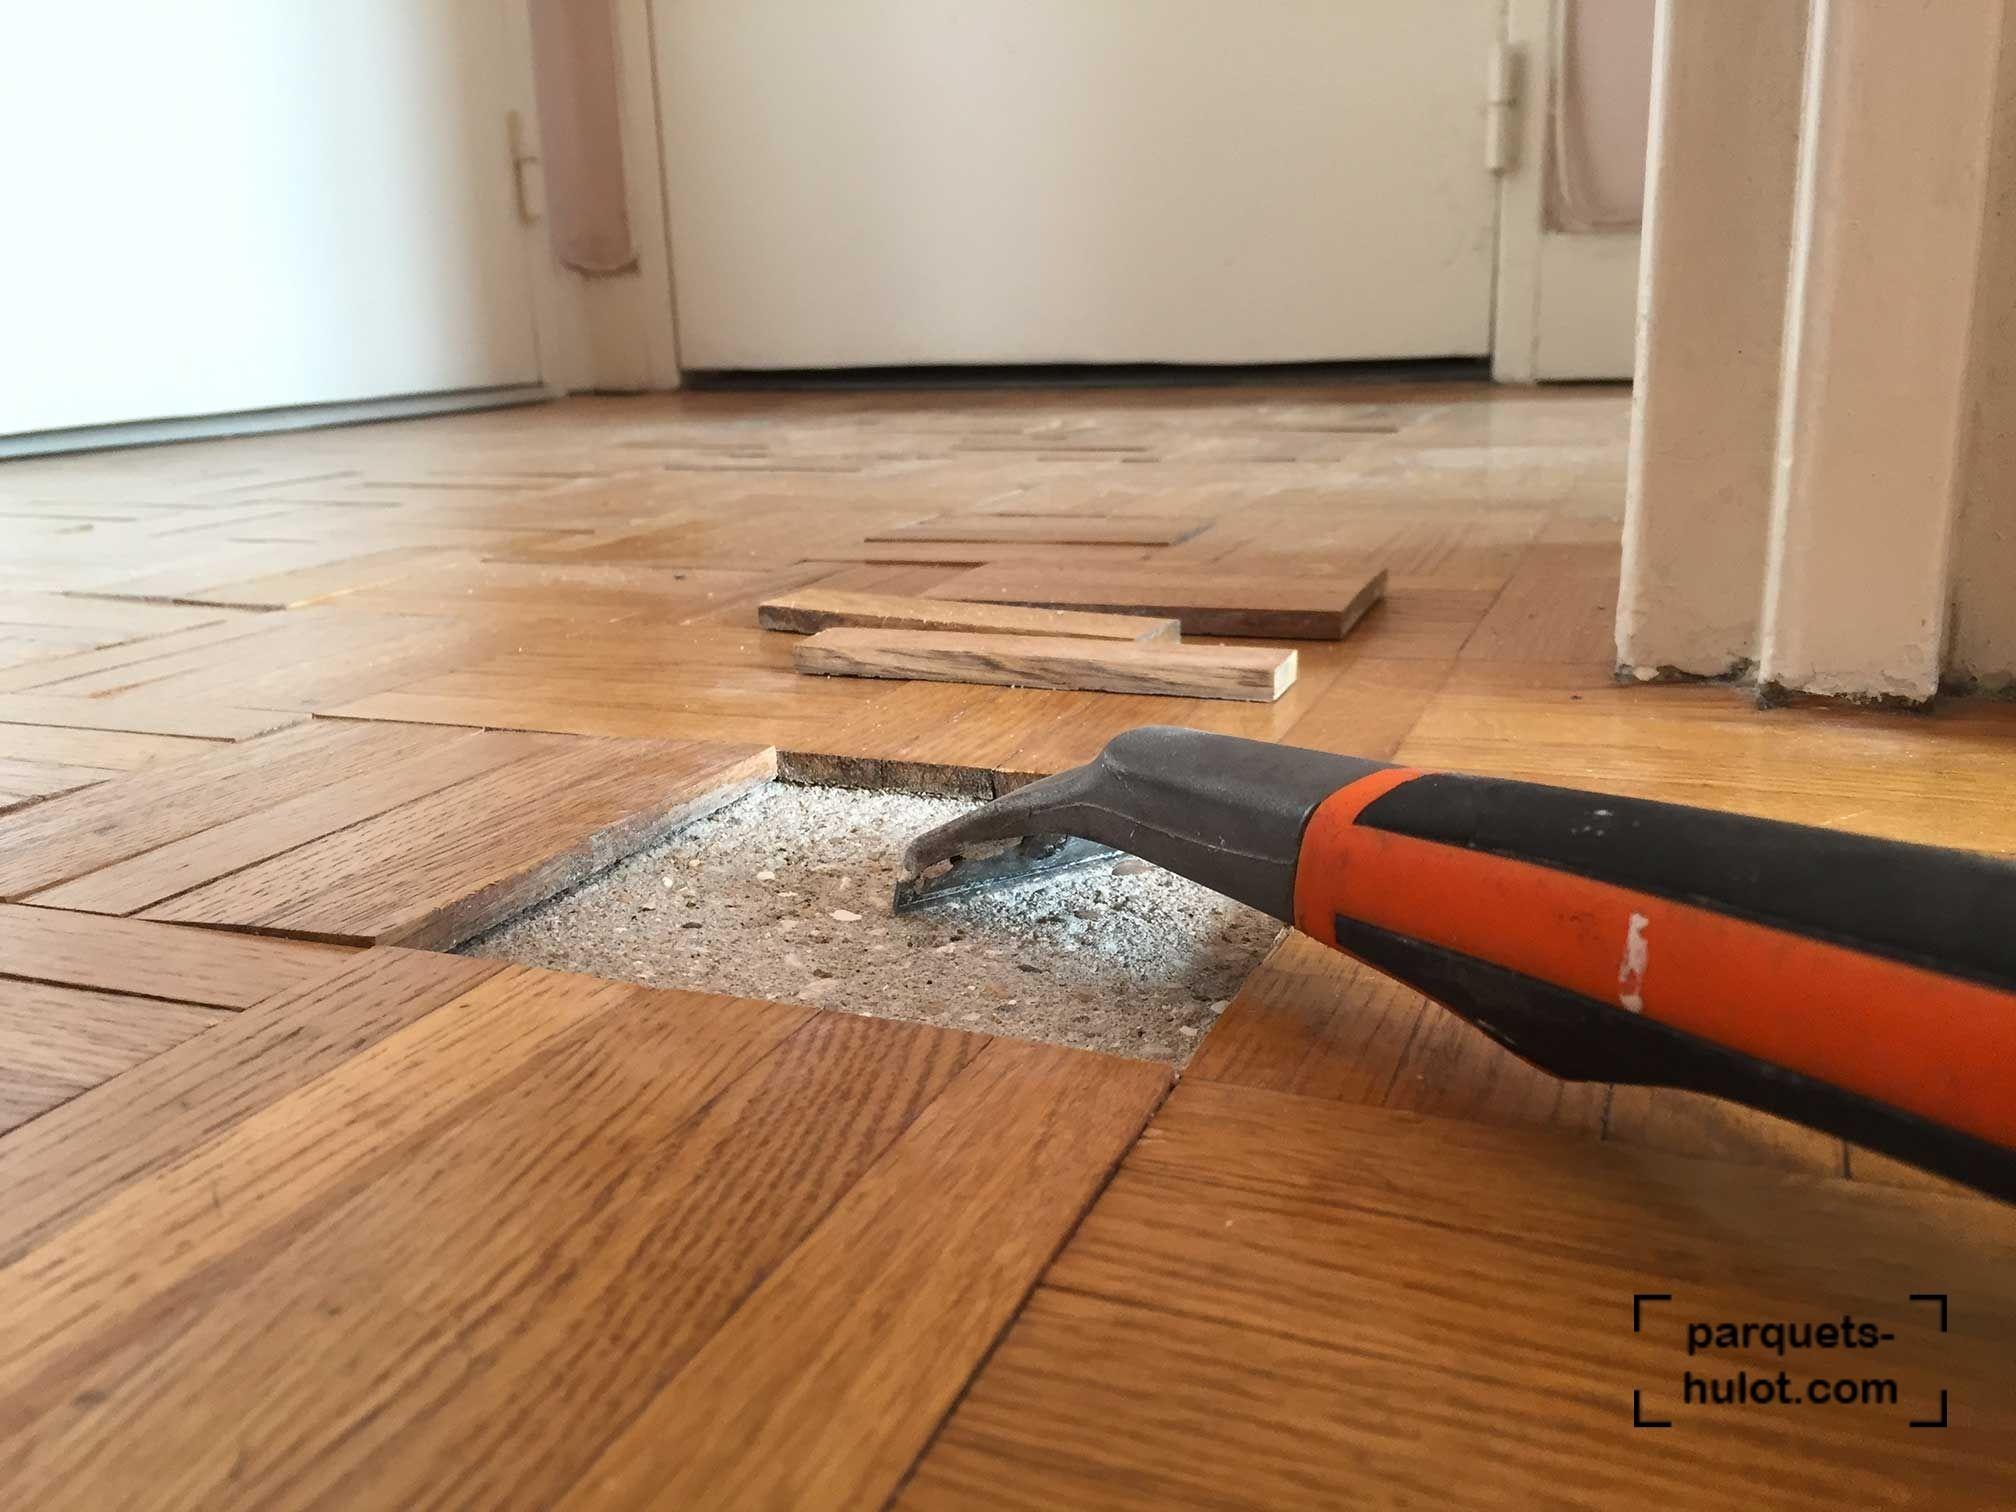 réparation et rénovation parquet mosaïque bondy